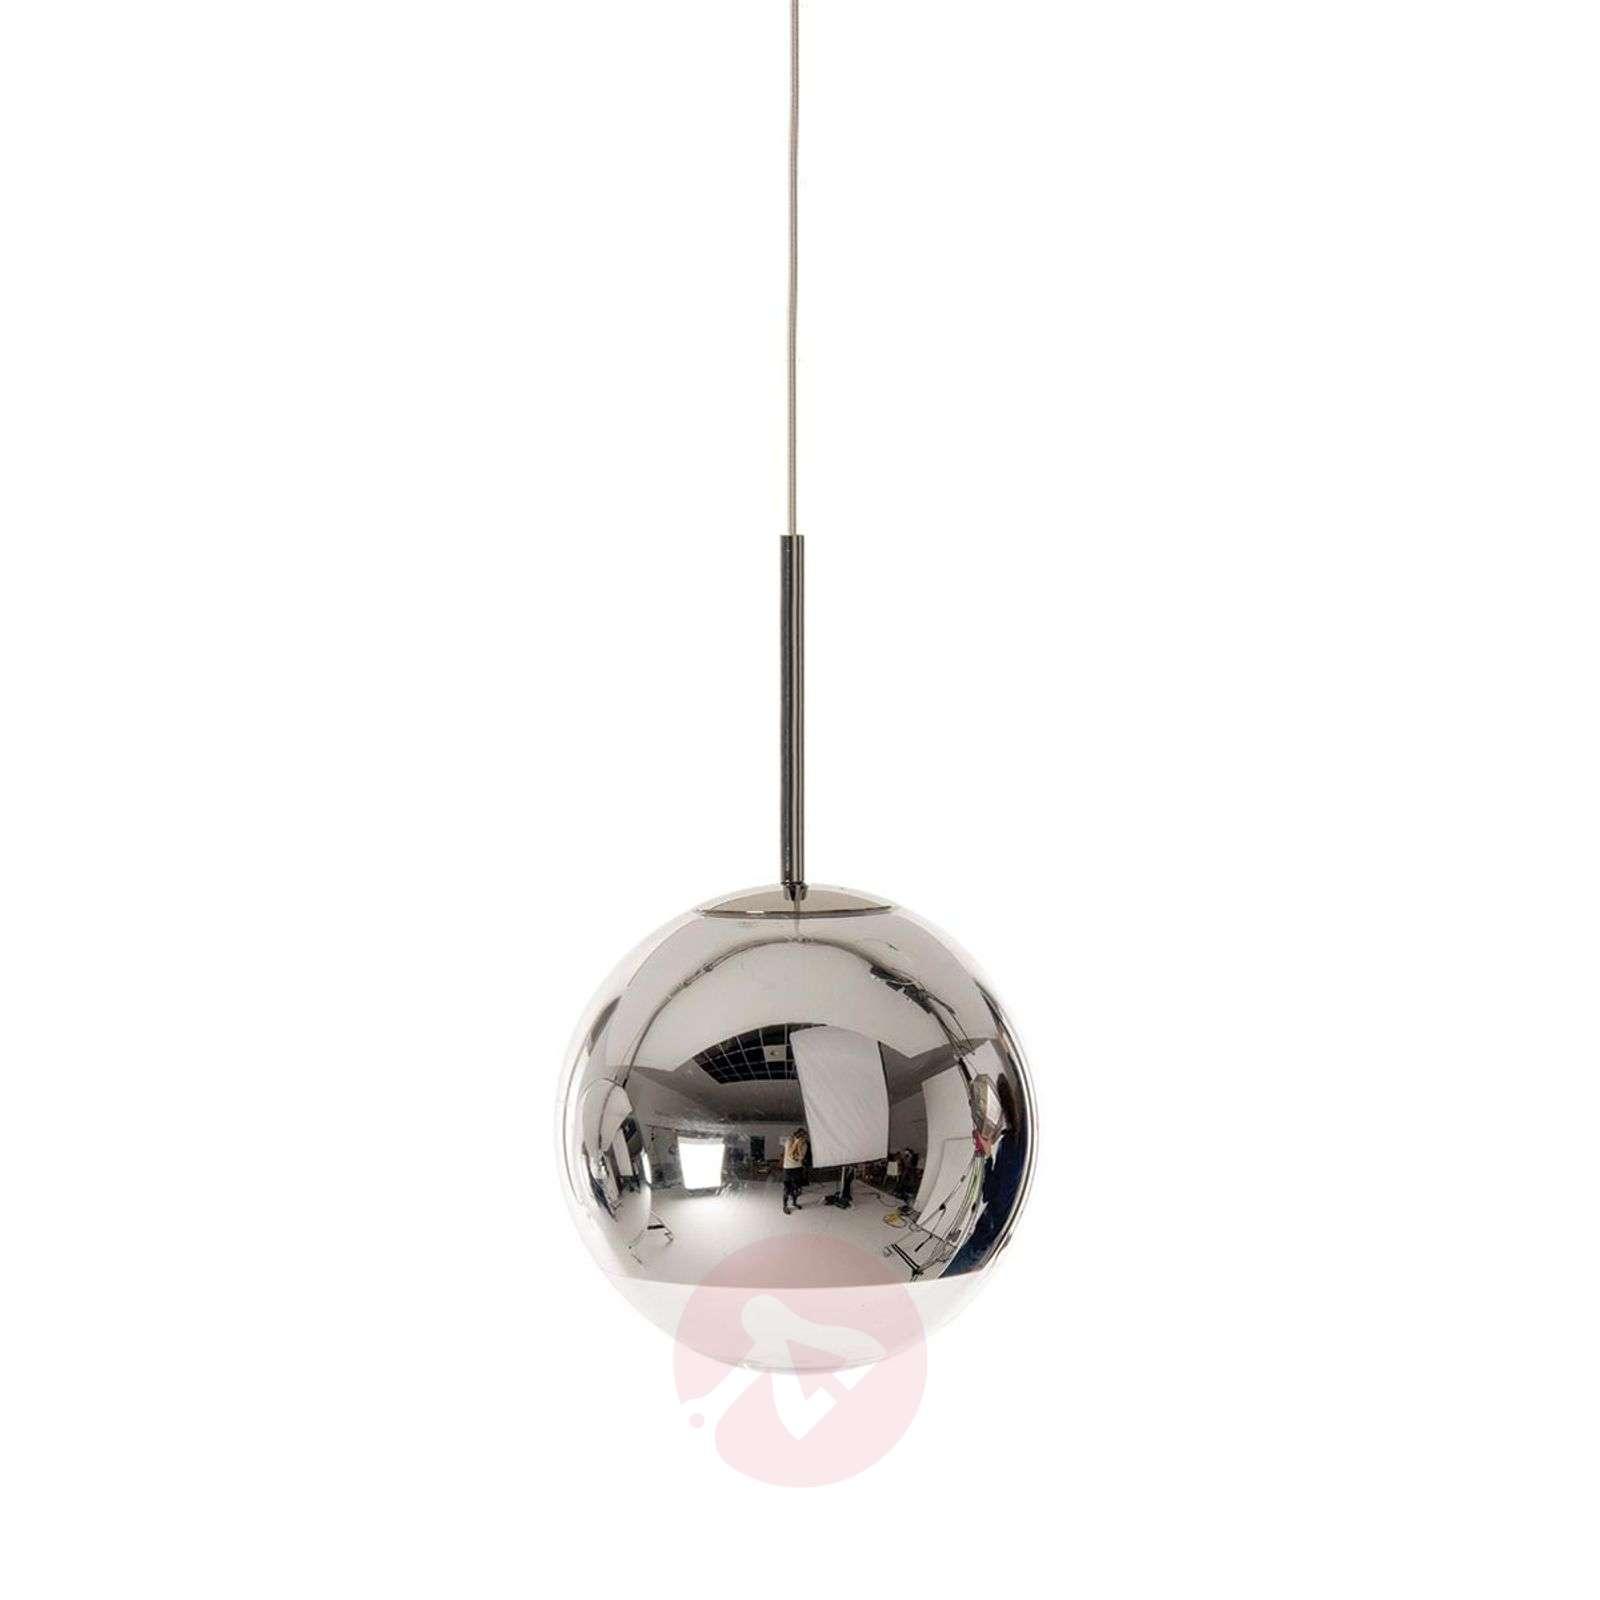 Kullankiiltoinen Mirror Ball-riippuvalaisin 25 cm-9043038-01